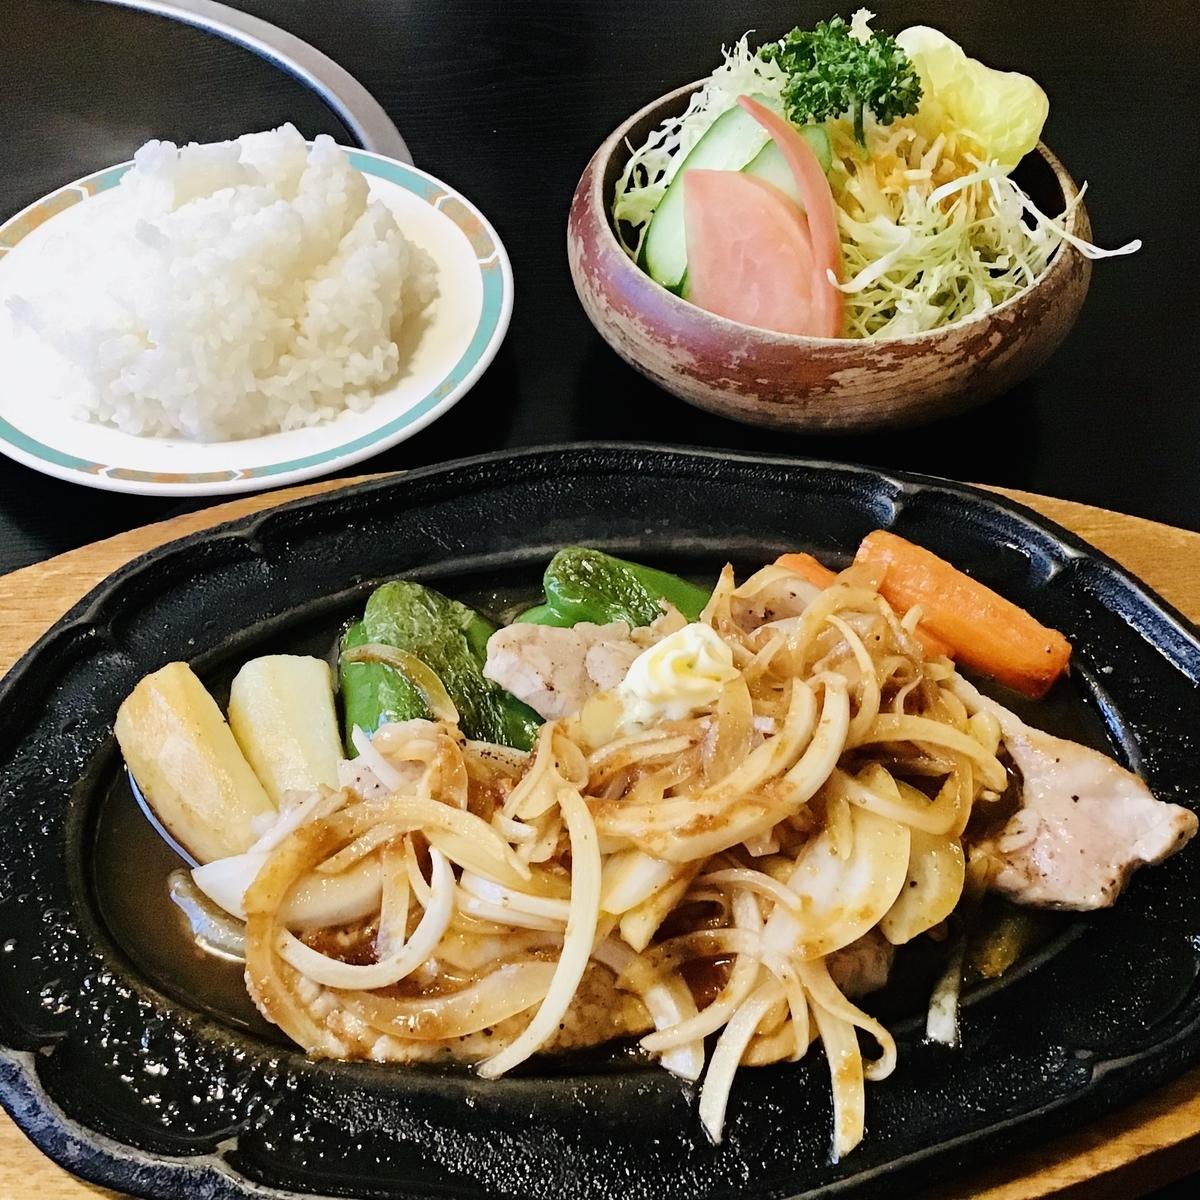 f:id:yumeusagiyukiusagi:20200917094550j:plain